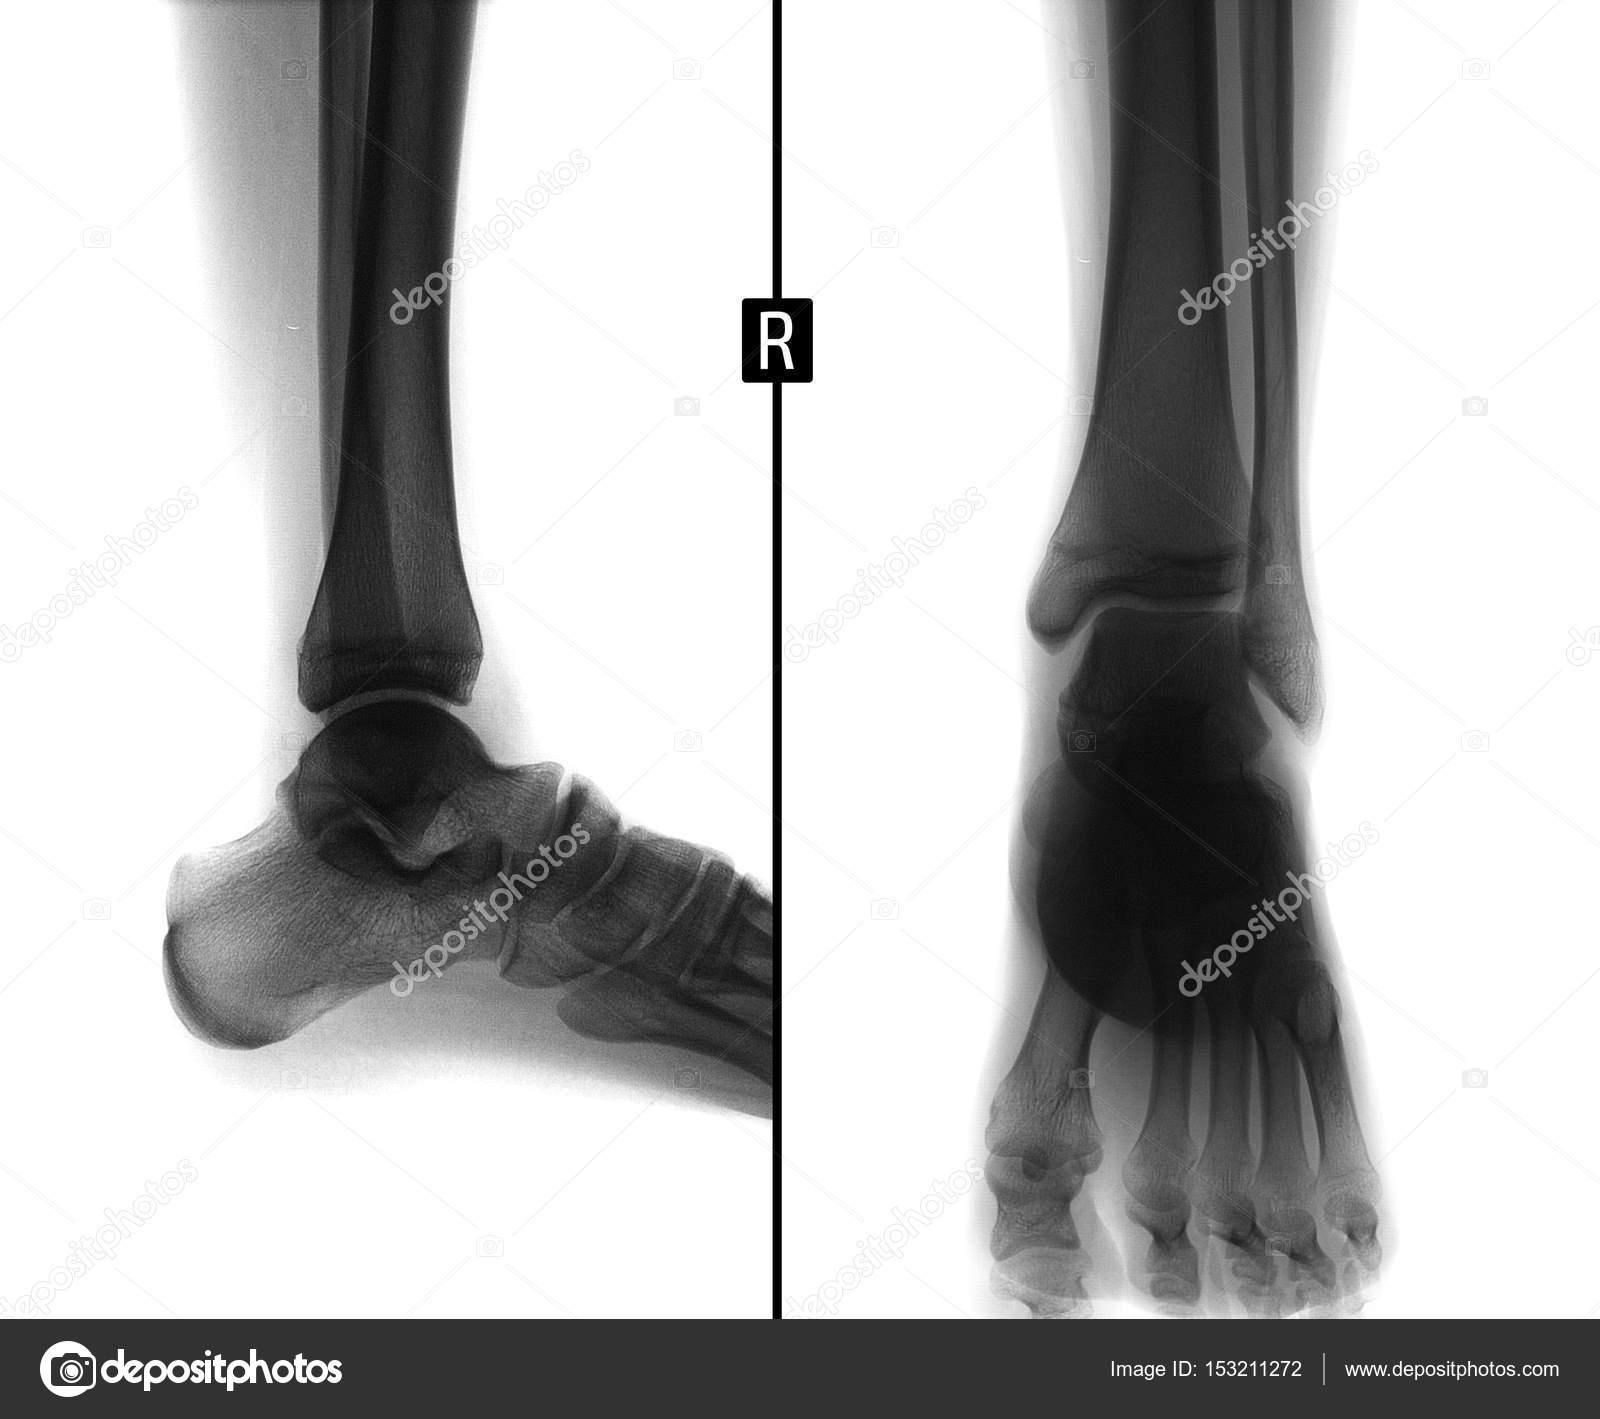 Radiografía de la articulación del tobillo. Muestra el quiste óseo ...